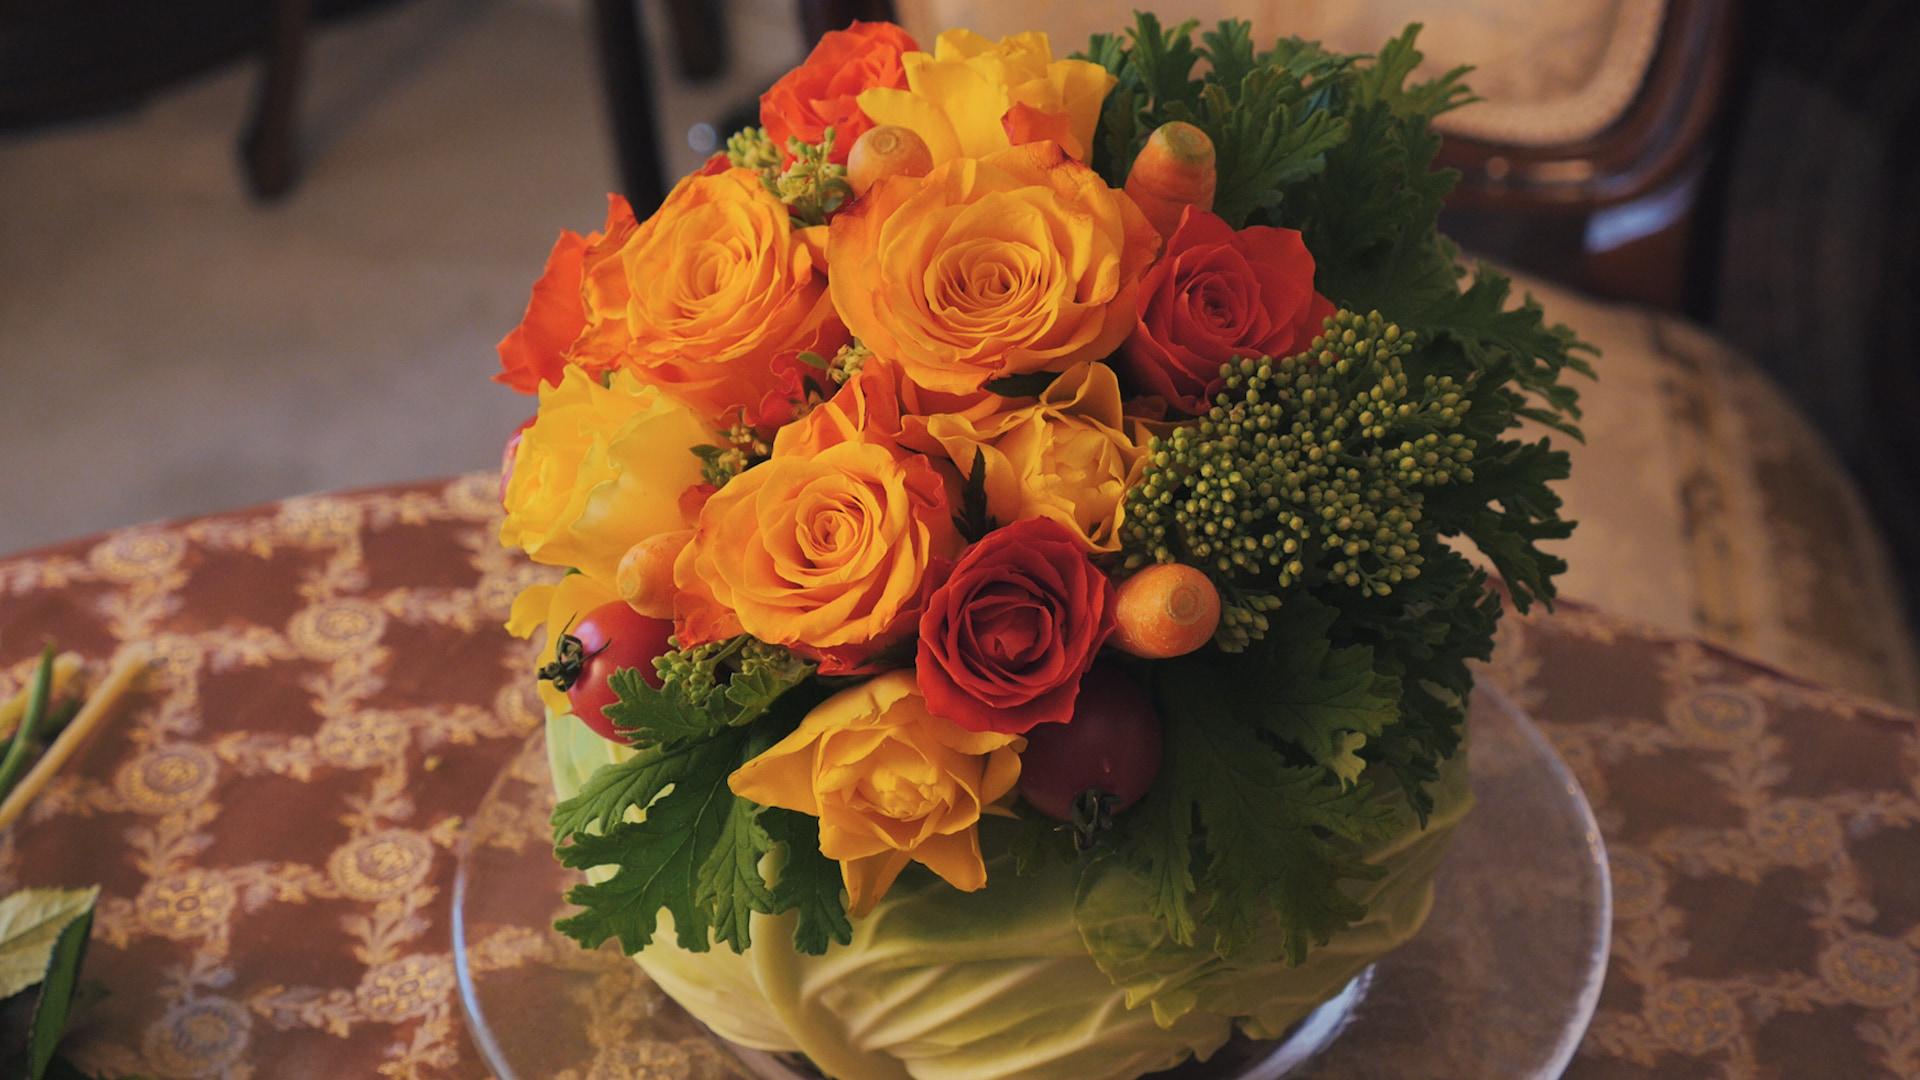 \野菜が花器に!?/フラワーアレンジVol.6『ベジタブルパーティー』